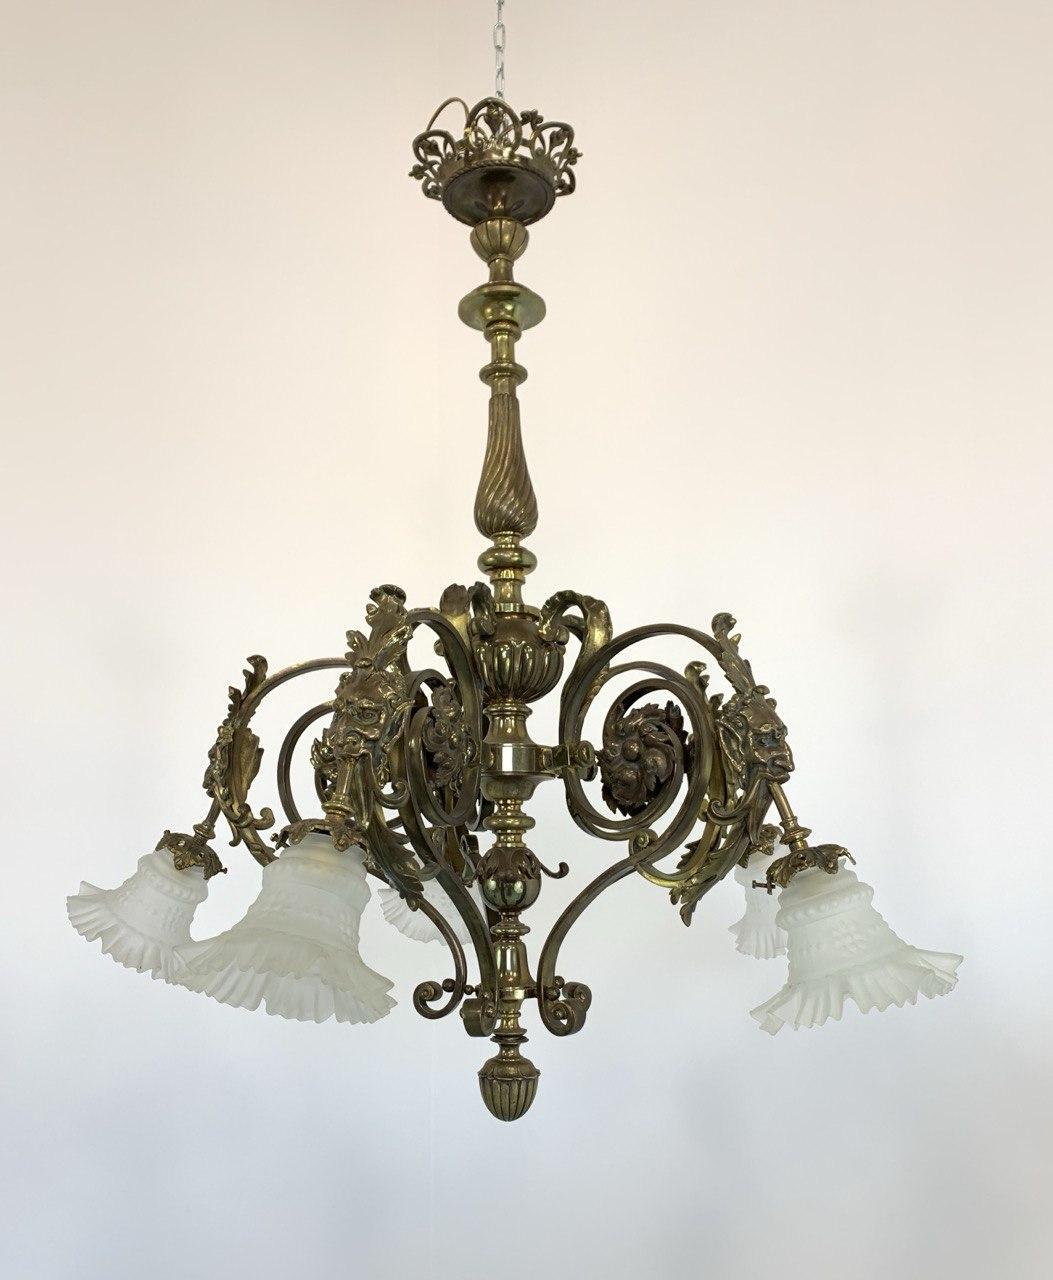 Антикварная люстра из бронзы в стиле Ренессанс